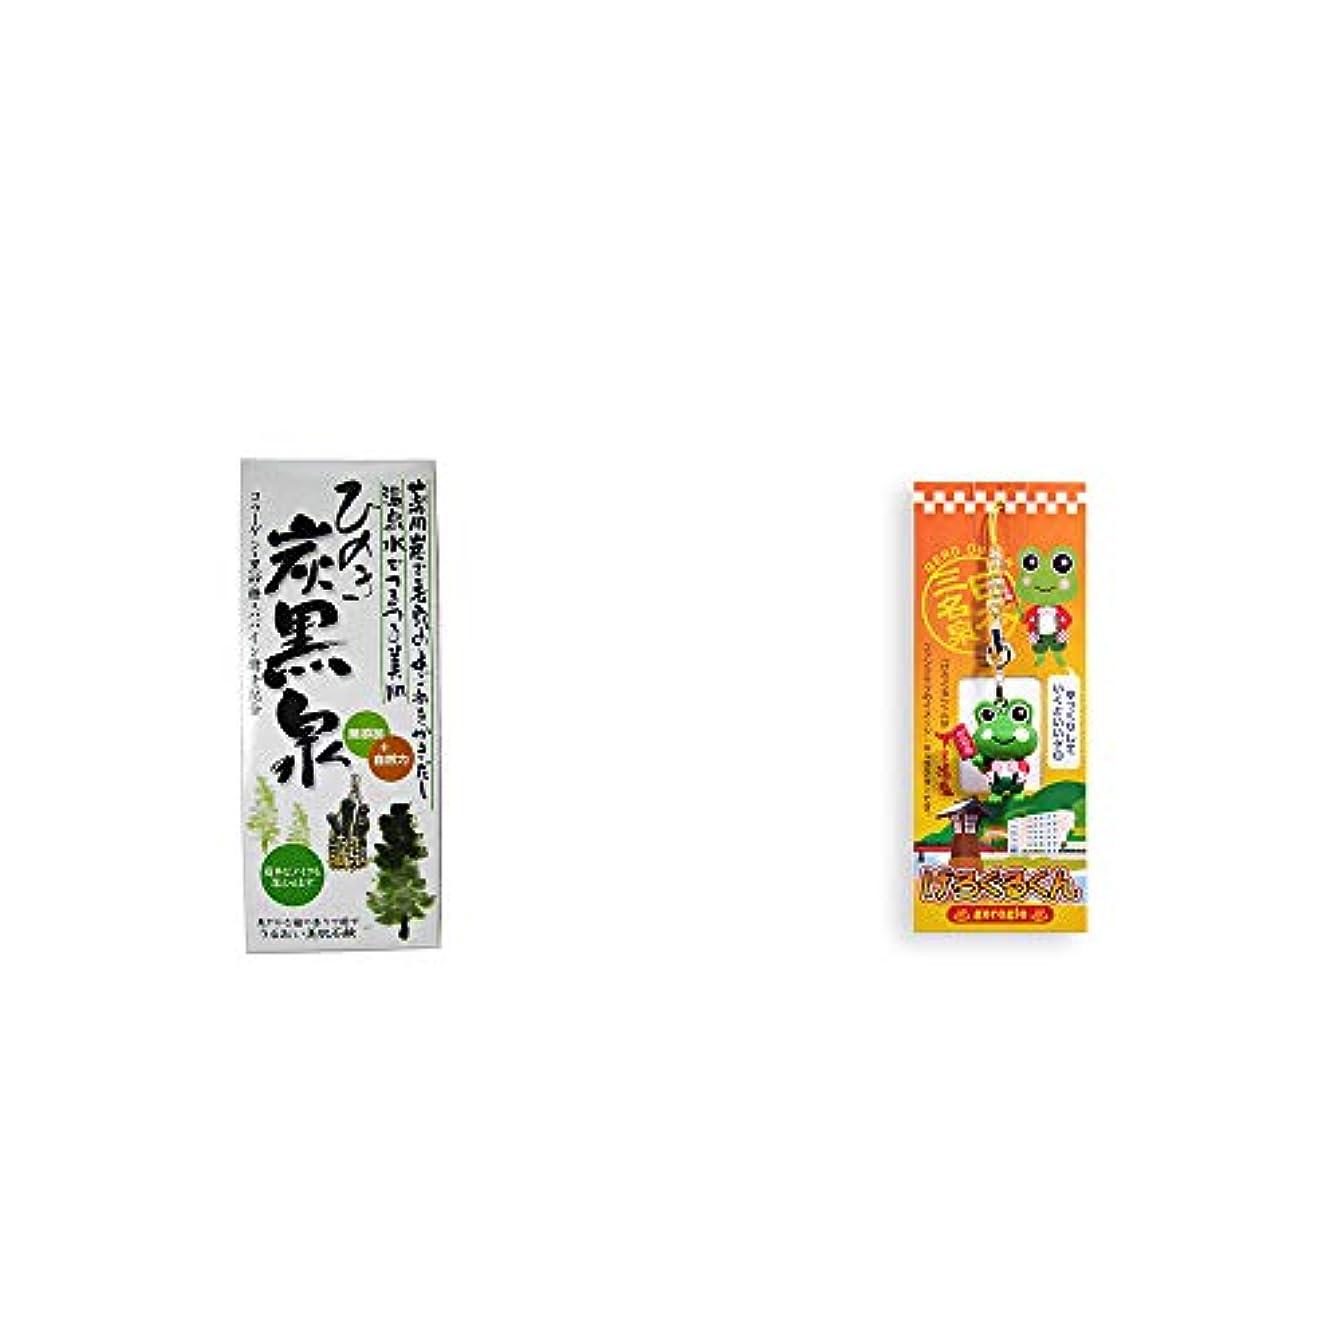 瞑想する大破堤防[2点セット] ひのき炭黒泉 箱入り(75g×3)?下呂温泉ファンクラブのイメージキャラクター げろぐるくんストラップ